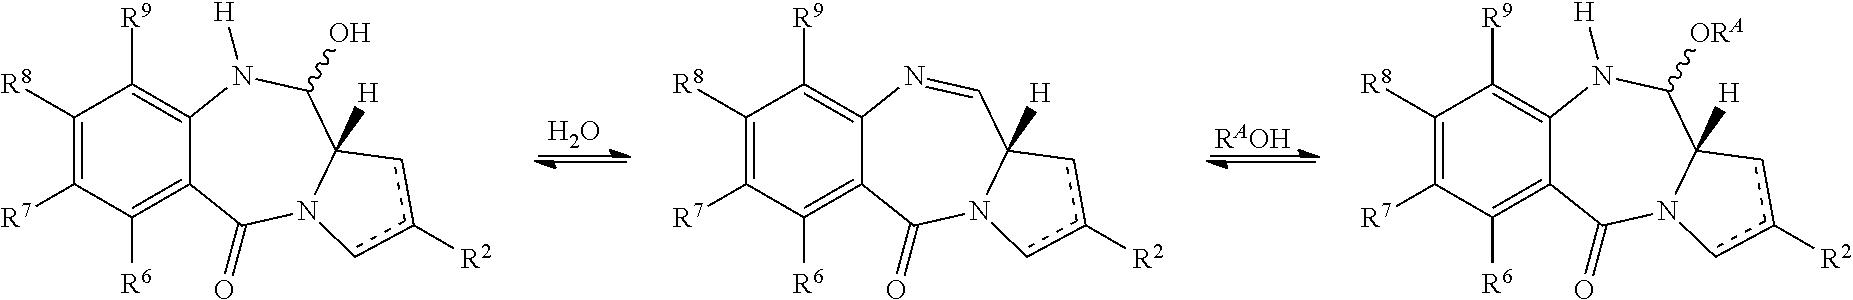 Figure US09956299-20180501-C00012